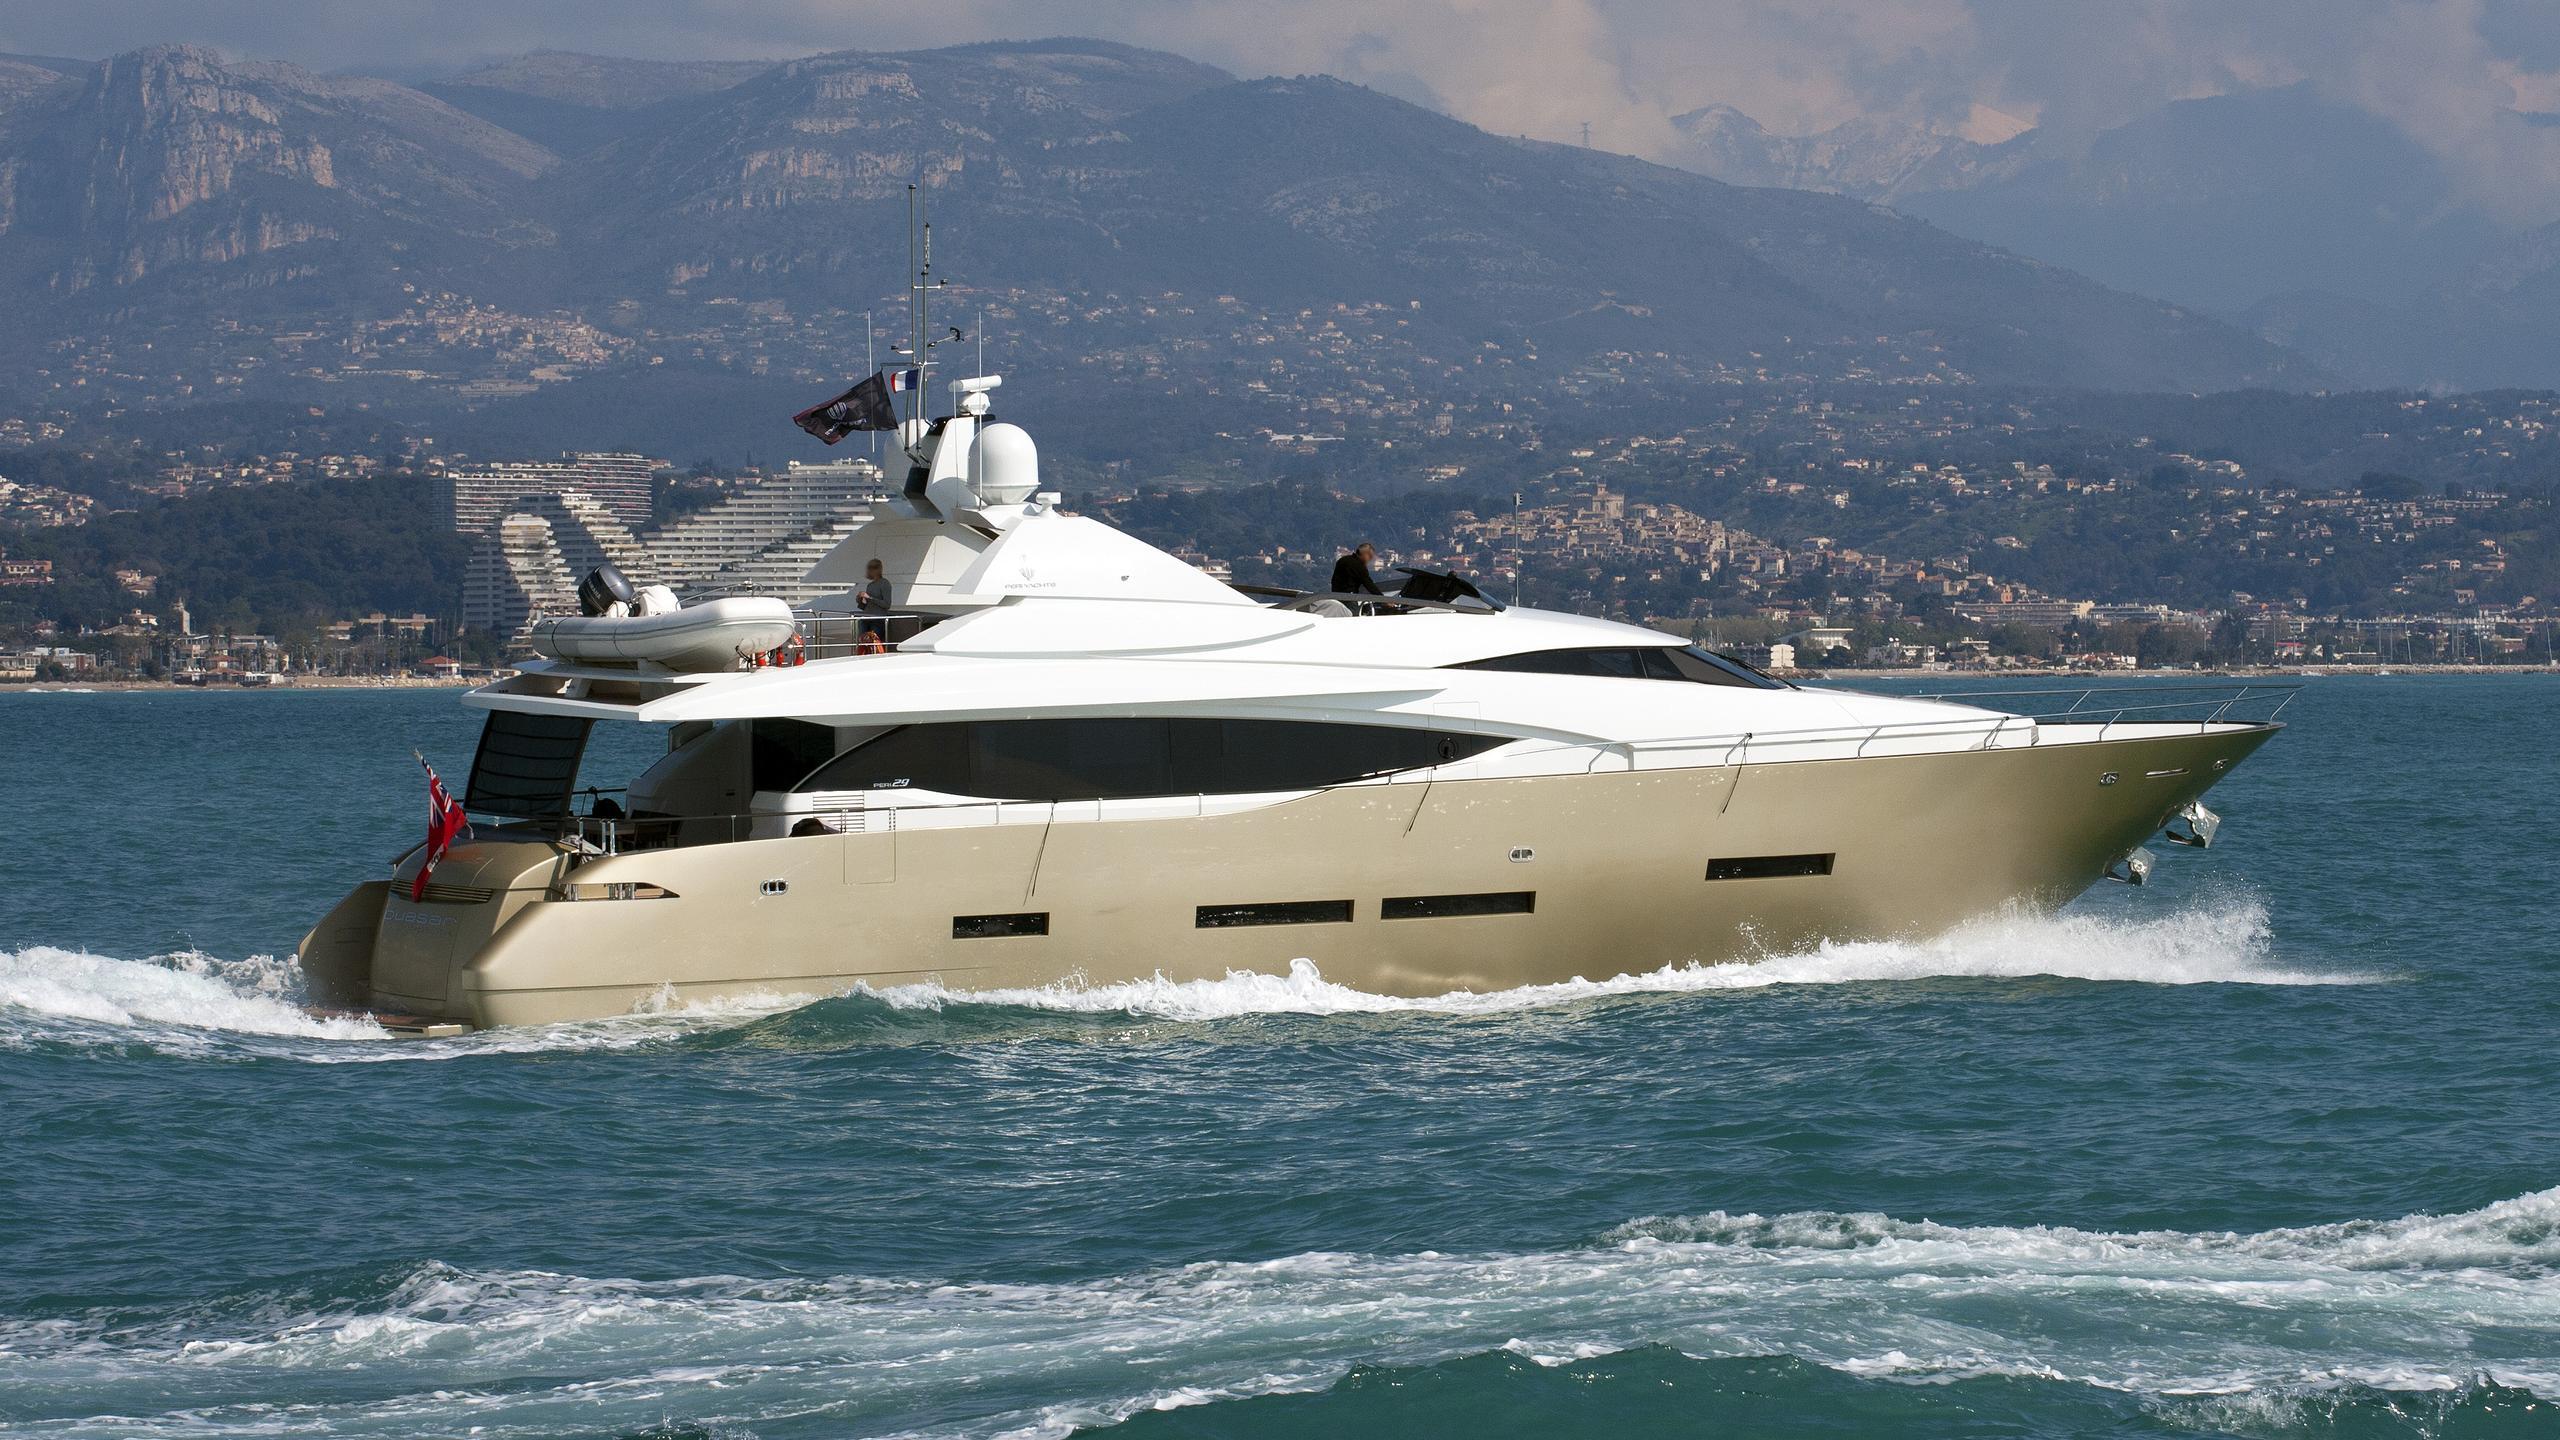 quasar-motor-yacht-peri-29-2009-29m-cruising